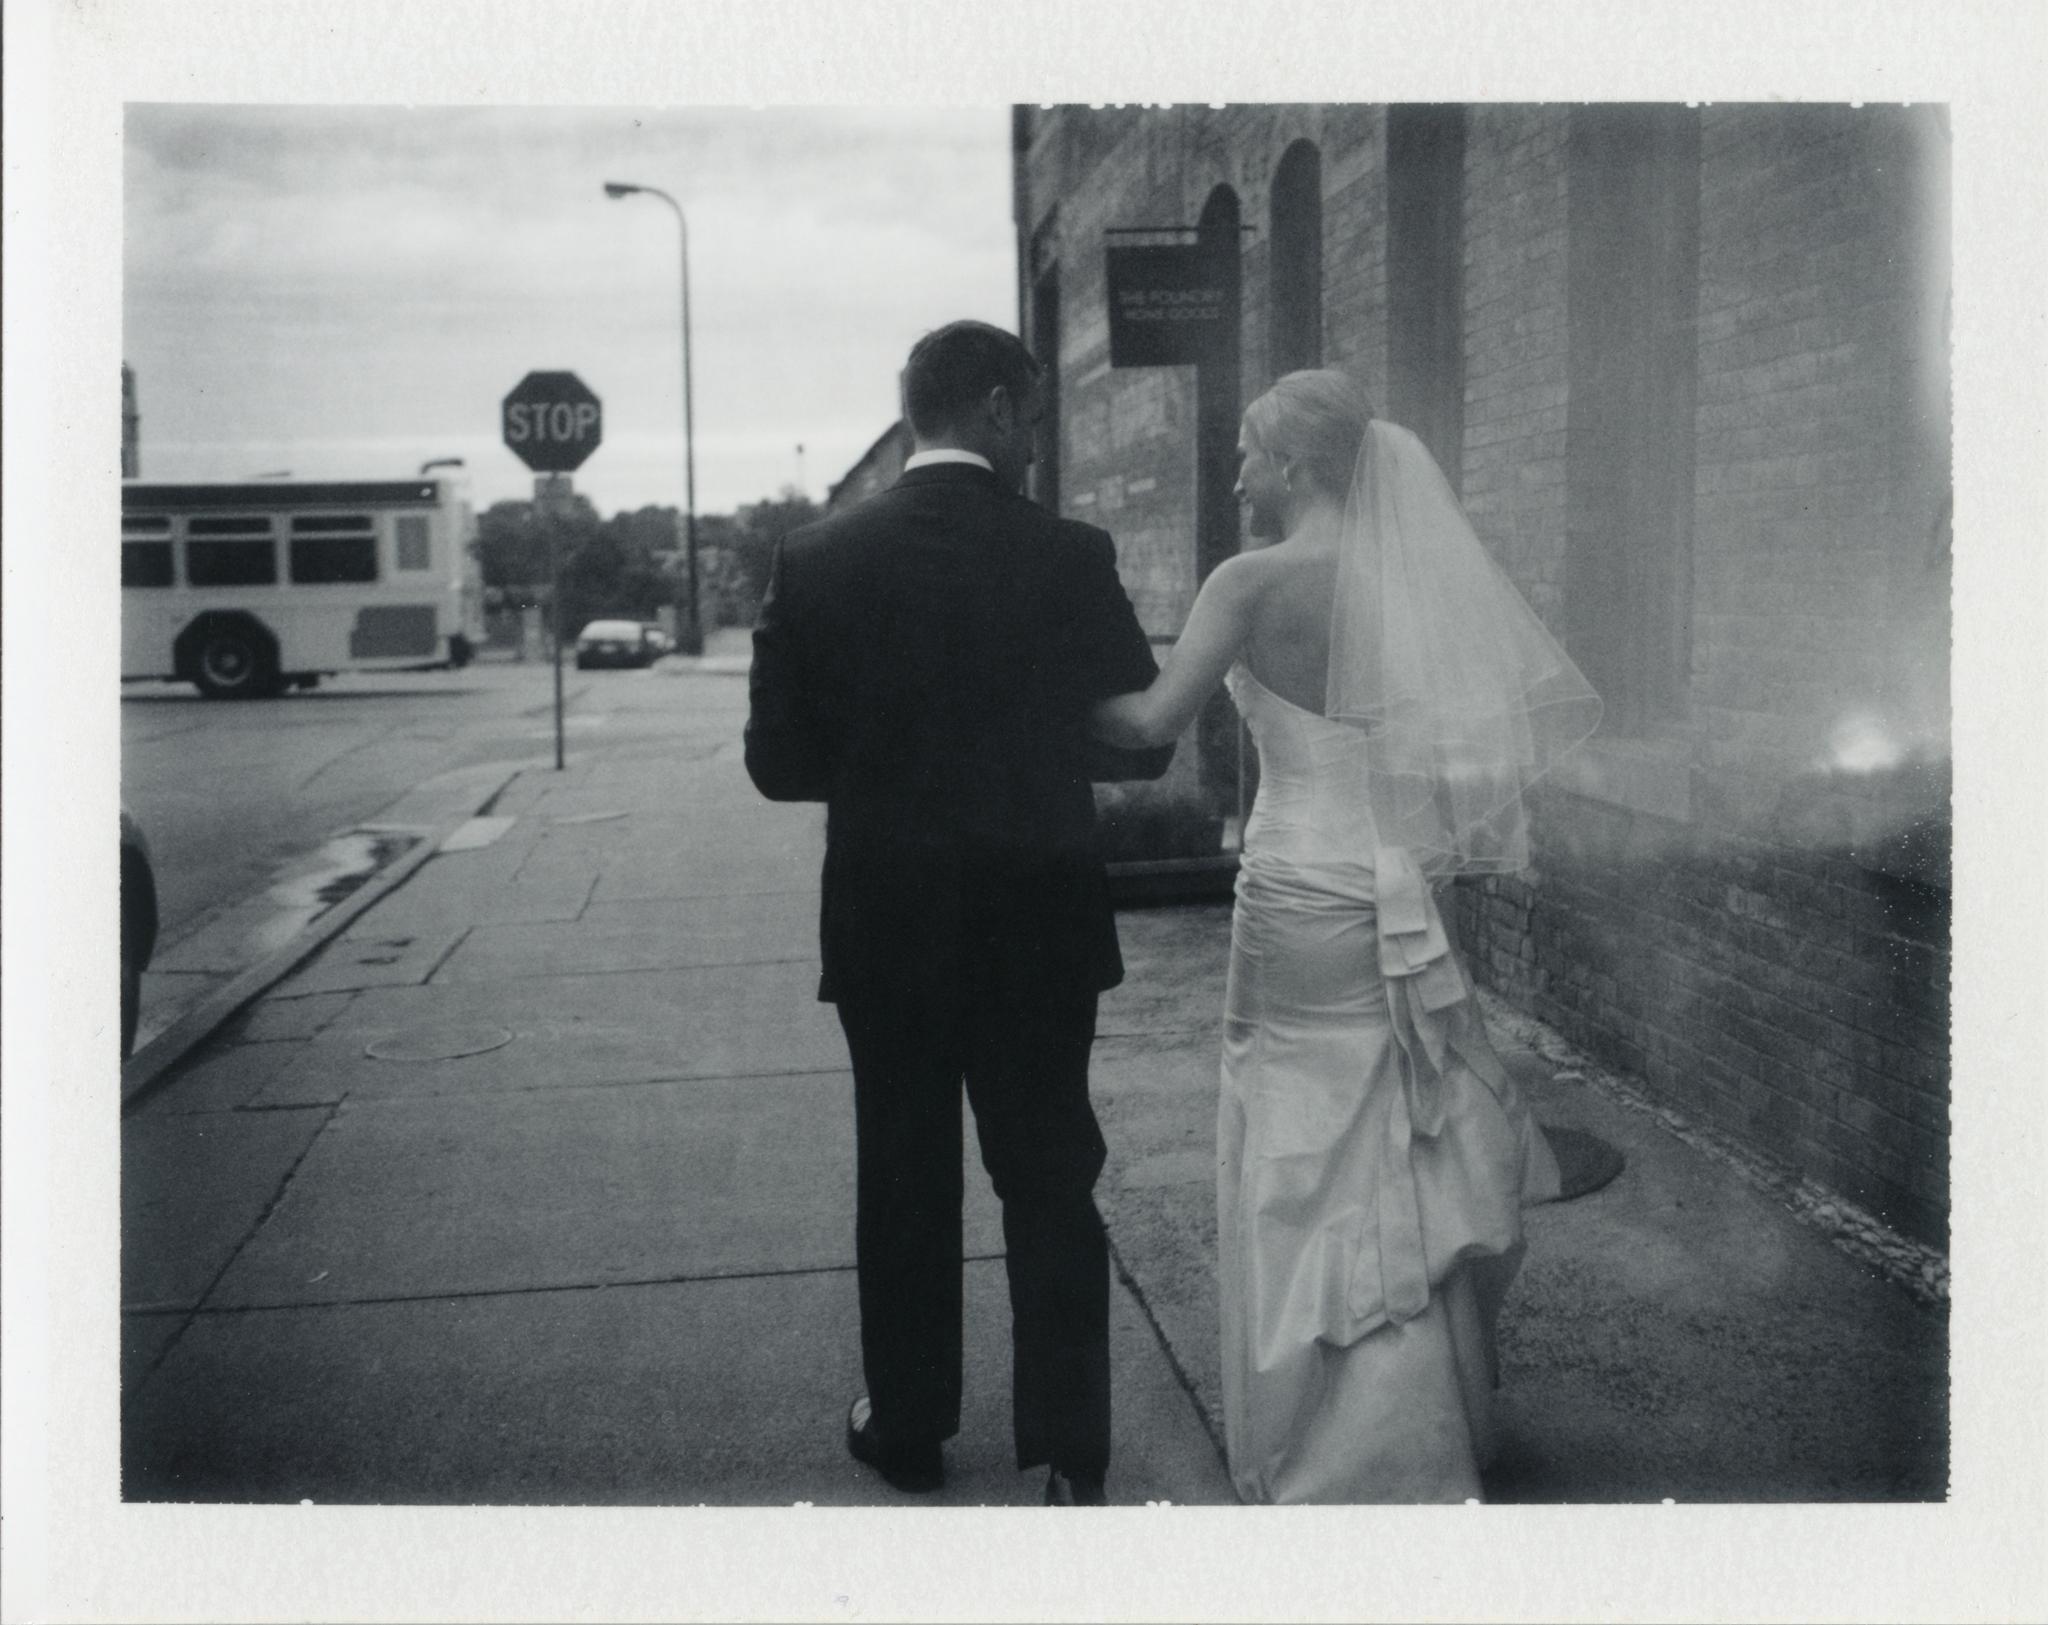 FredKellyWed Polaroid 009.jpg